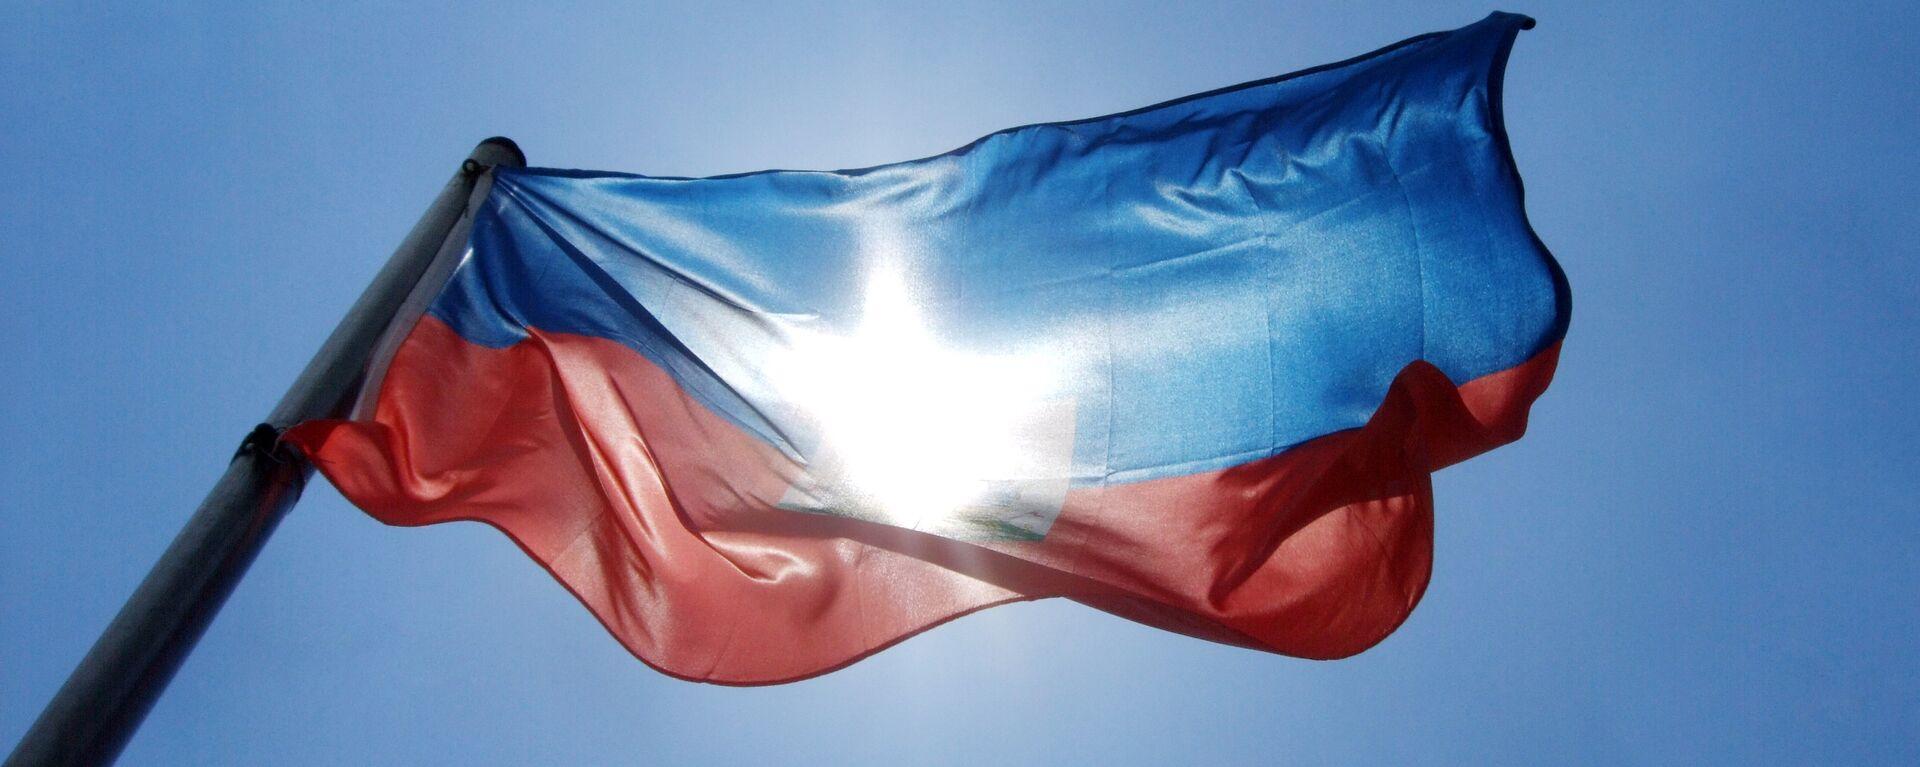 La bandera de Haití - Sputnik Mundo, 1920, 28.07.2021